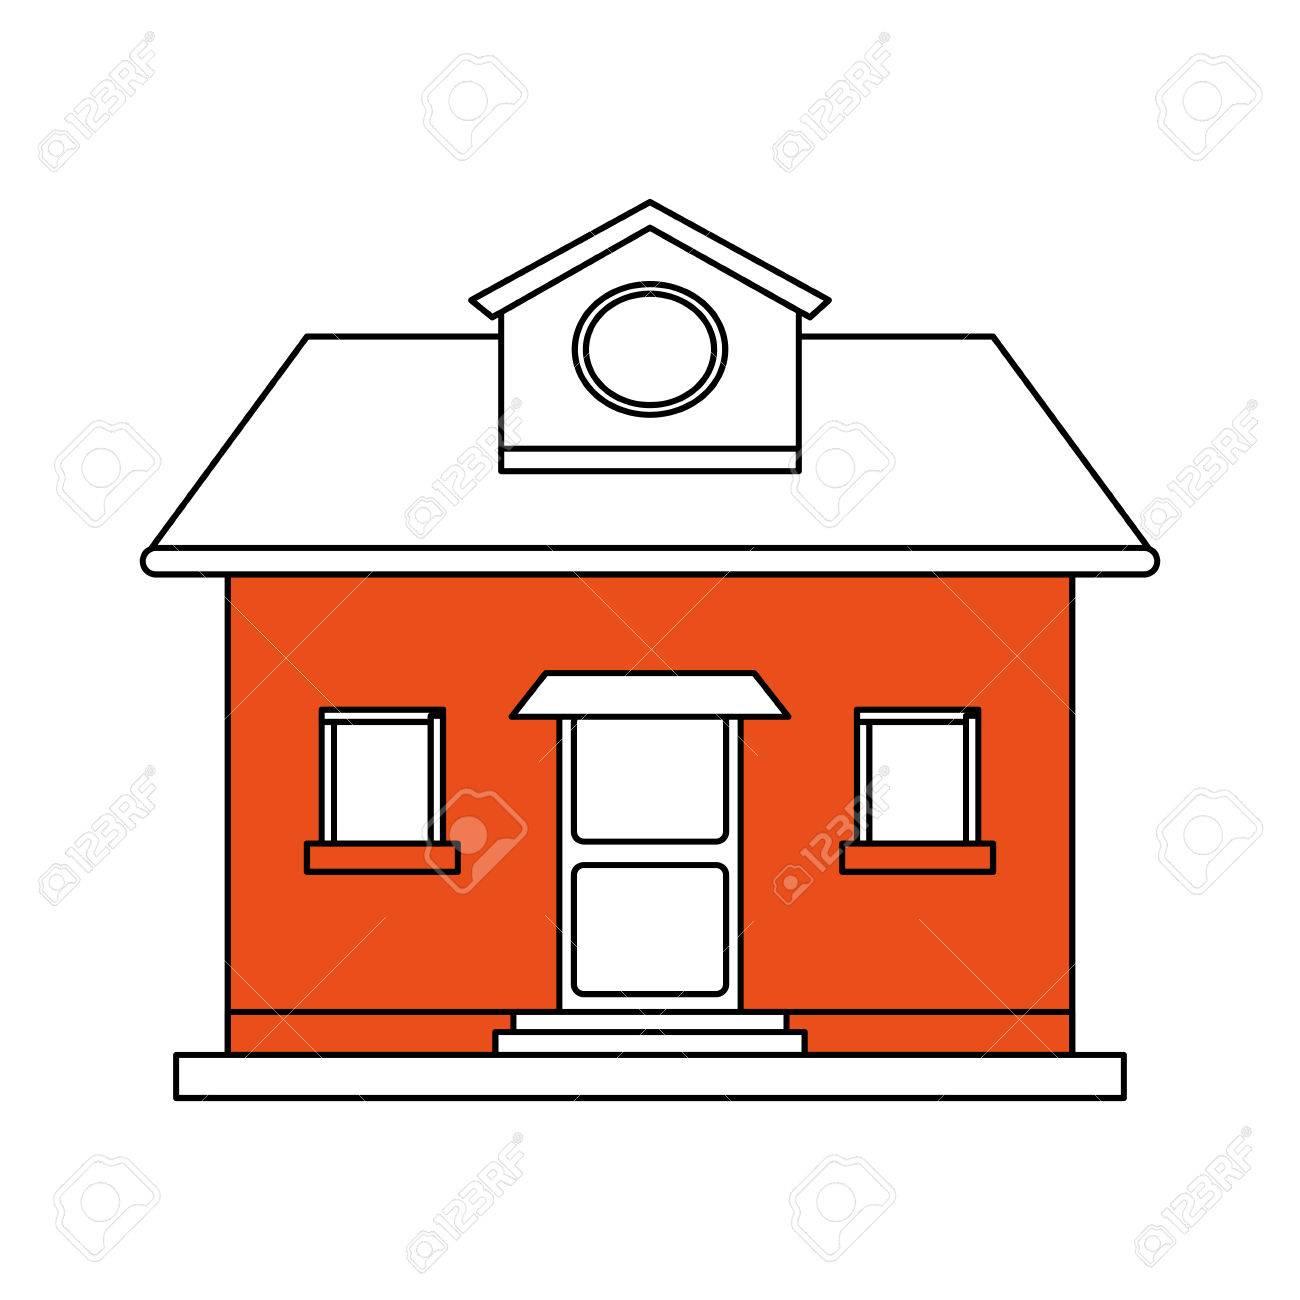 Banque dimages silhouette de couleur dessin animé façade orange maison confortable avec grenier illustration vectorielle